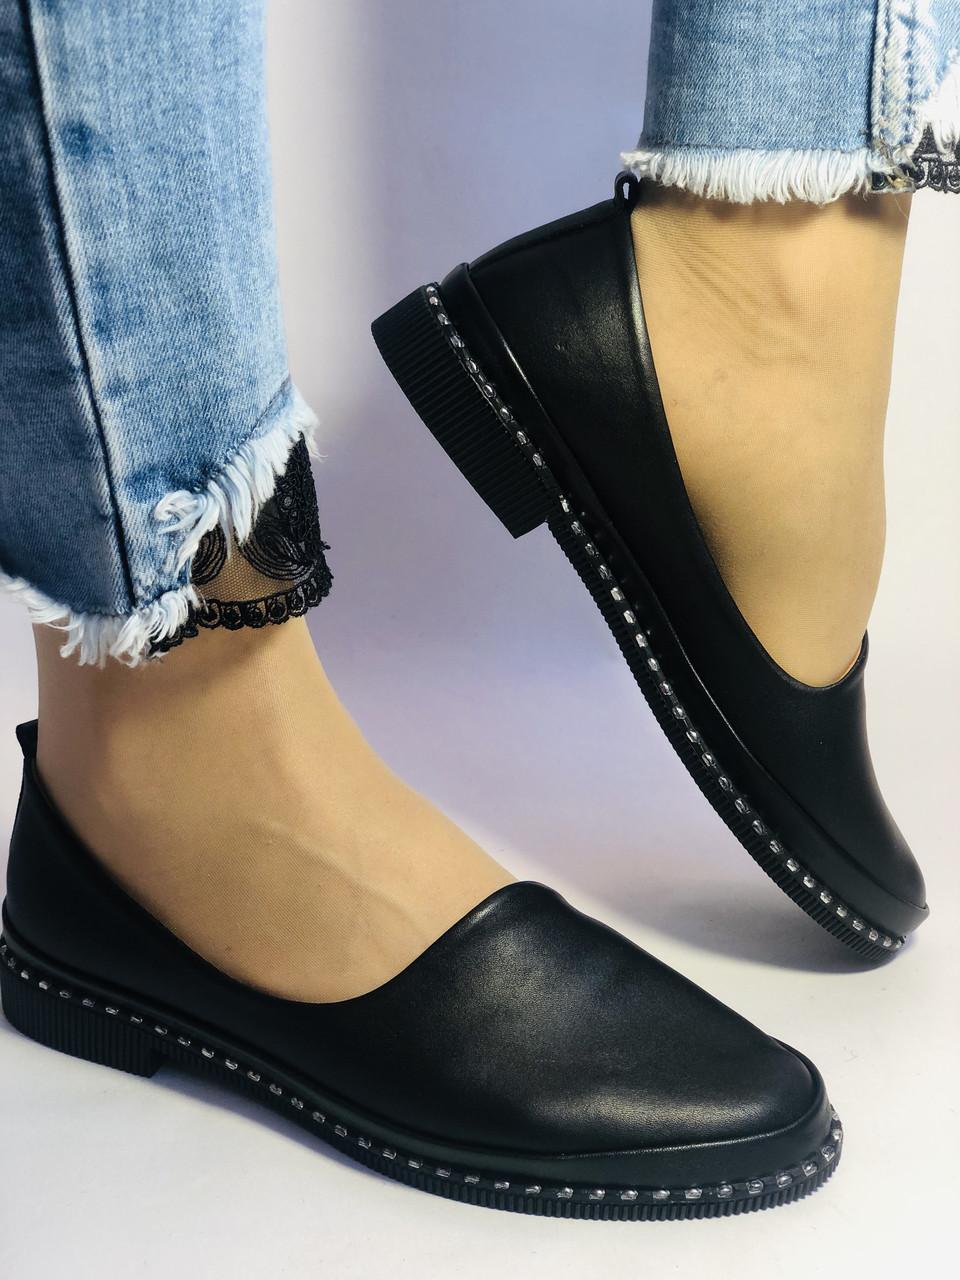 Стильные! Женские туфли -балетки из натуральной кожи Турция. Размер 36,38,41 Супер комфорт.Vellena